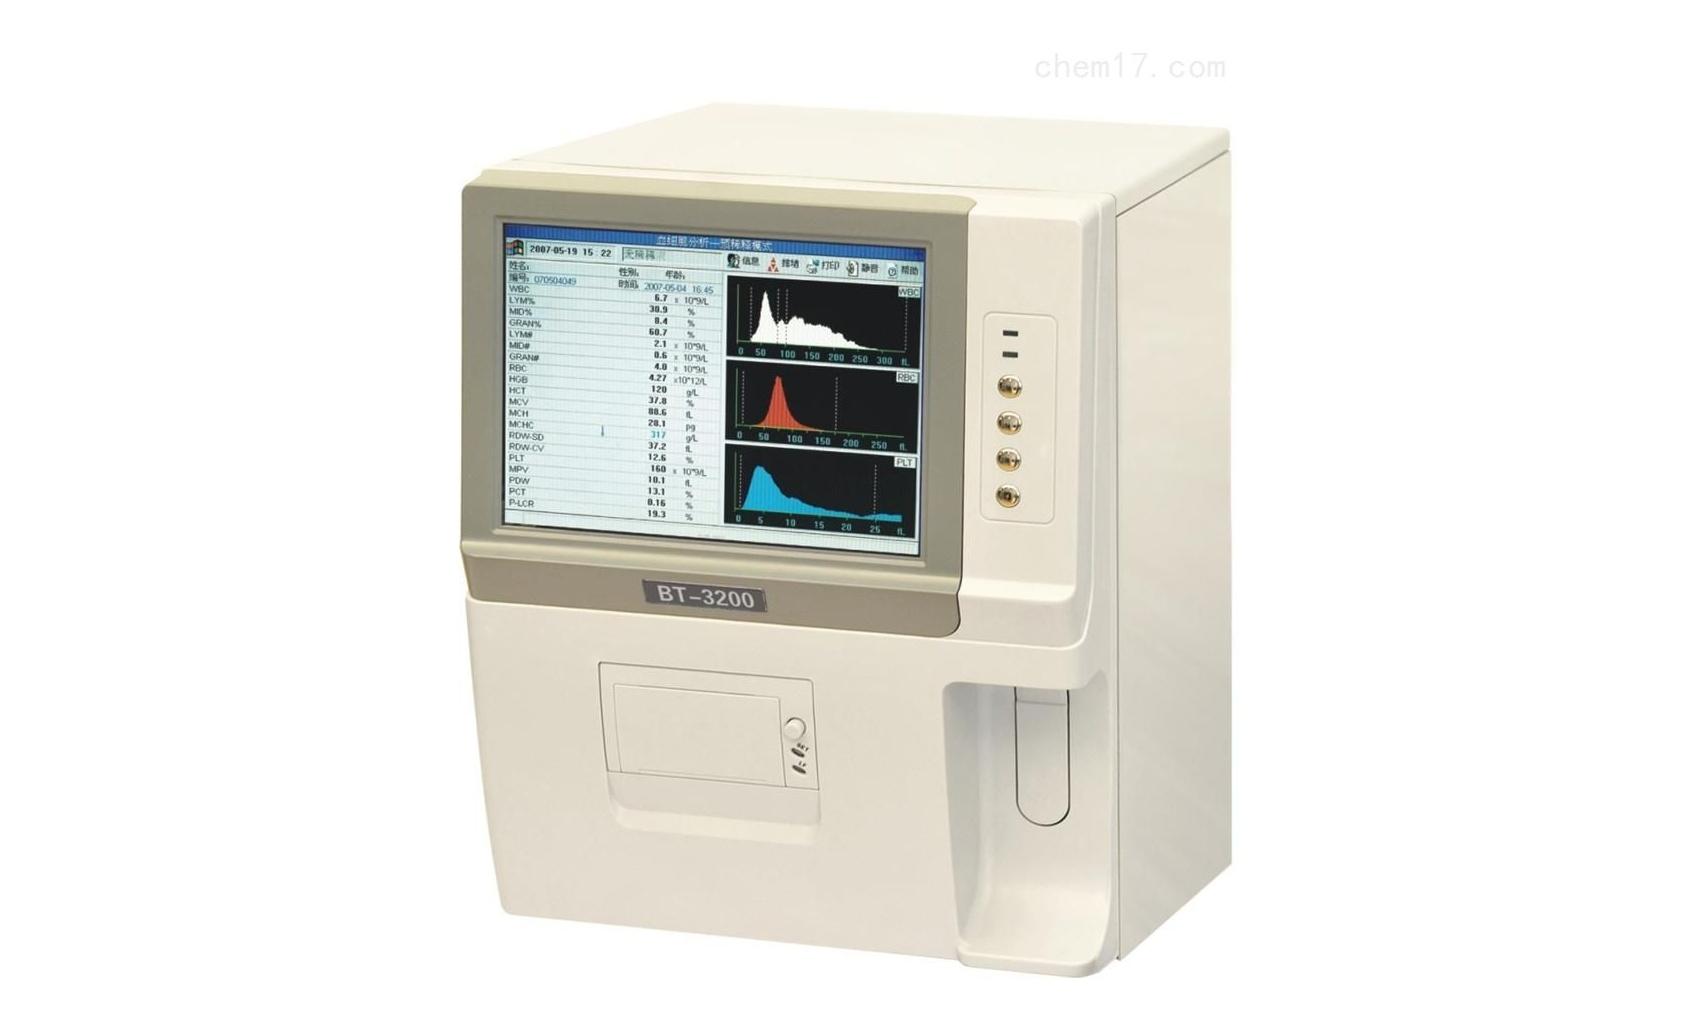 深圳市社会福利中心康复医院全自动血气分析仪等仪器设备采购项目招标